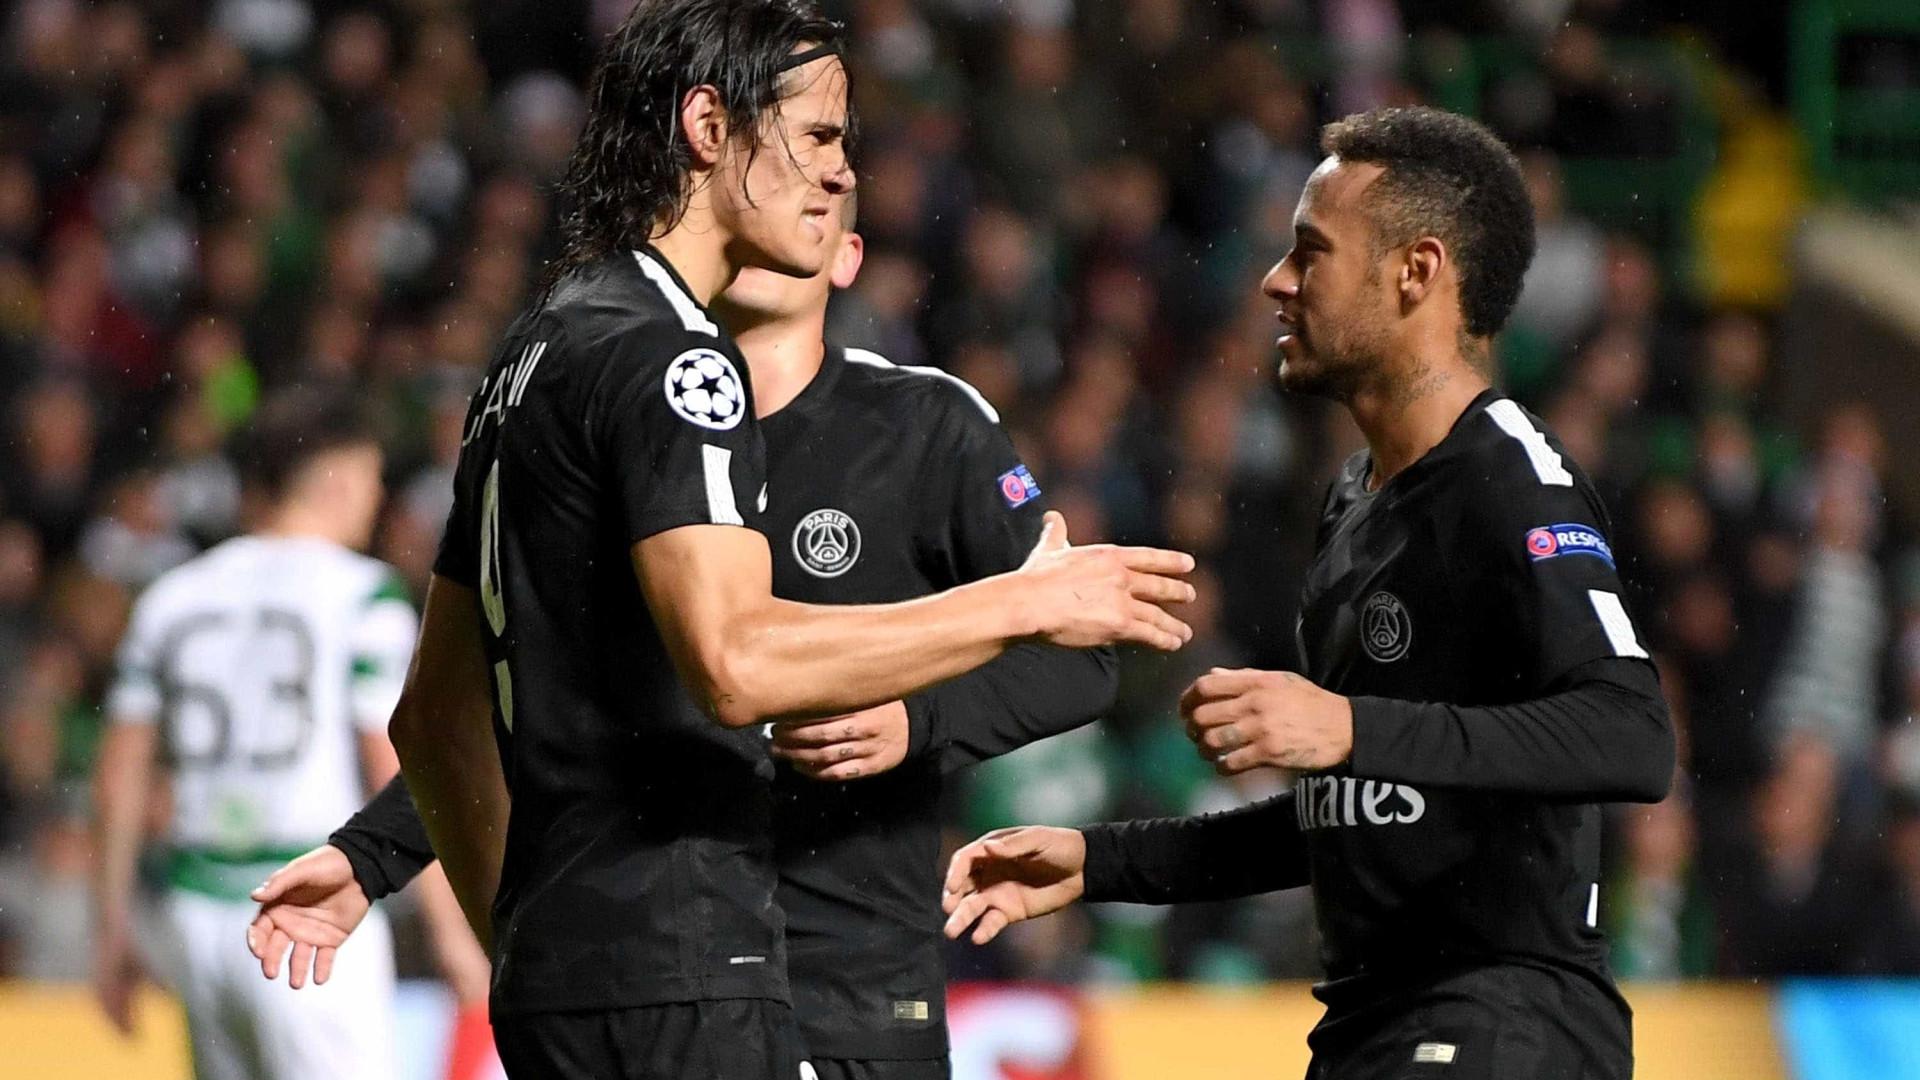 Prémio salarial pode ser o motivo para a 'zanga' entre Cavani e Neymar